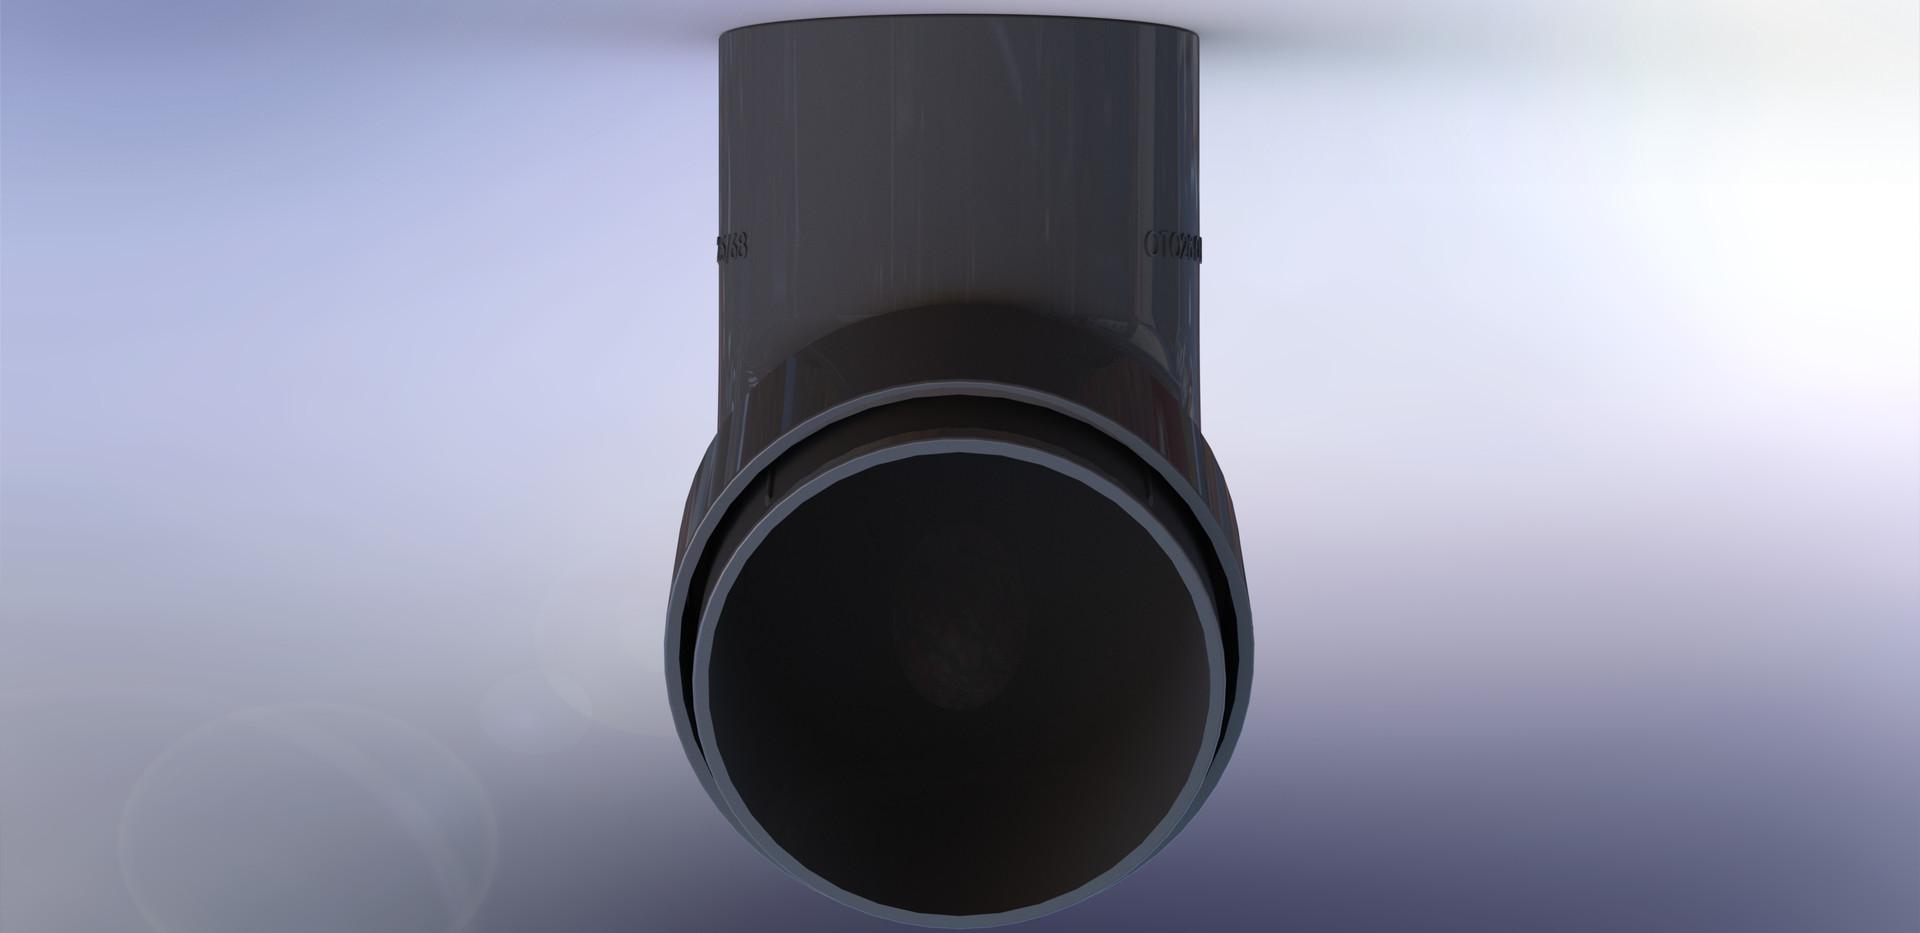 Rain Water Pipe Elbow - Render 005.JPG